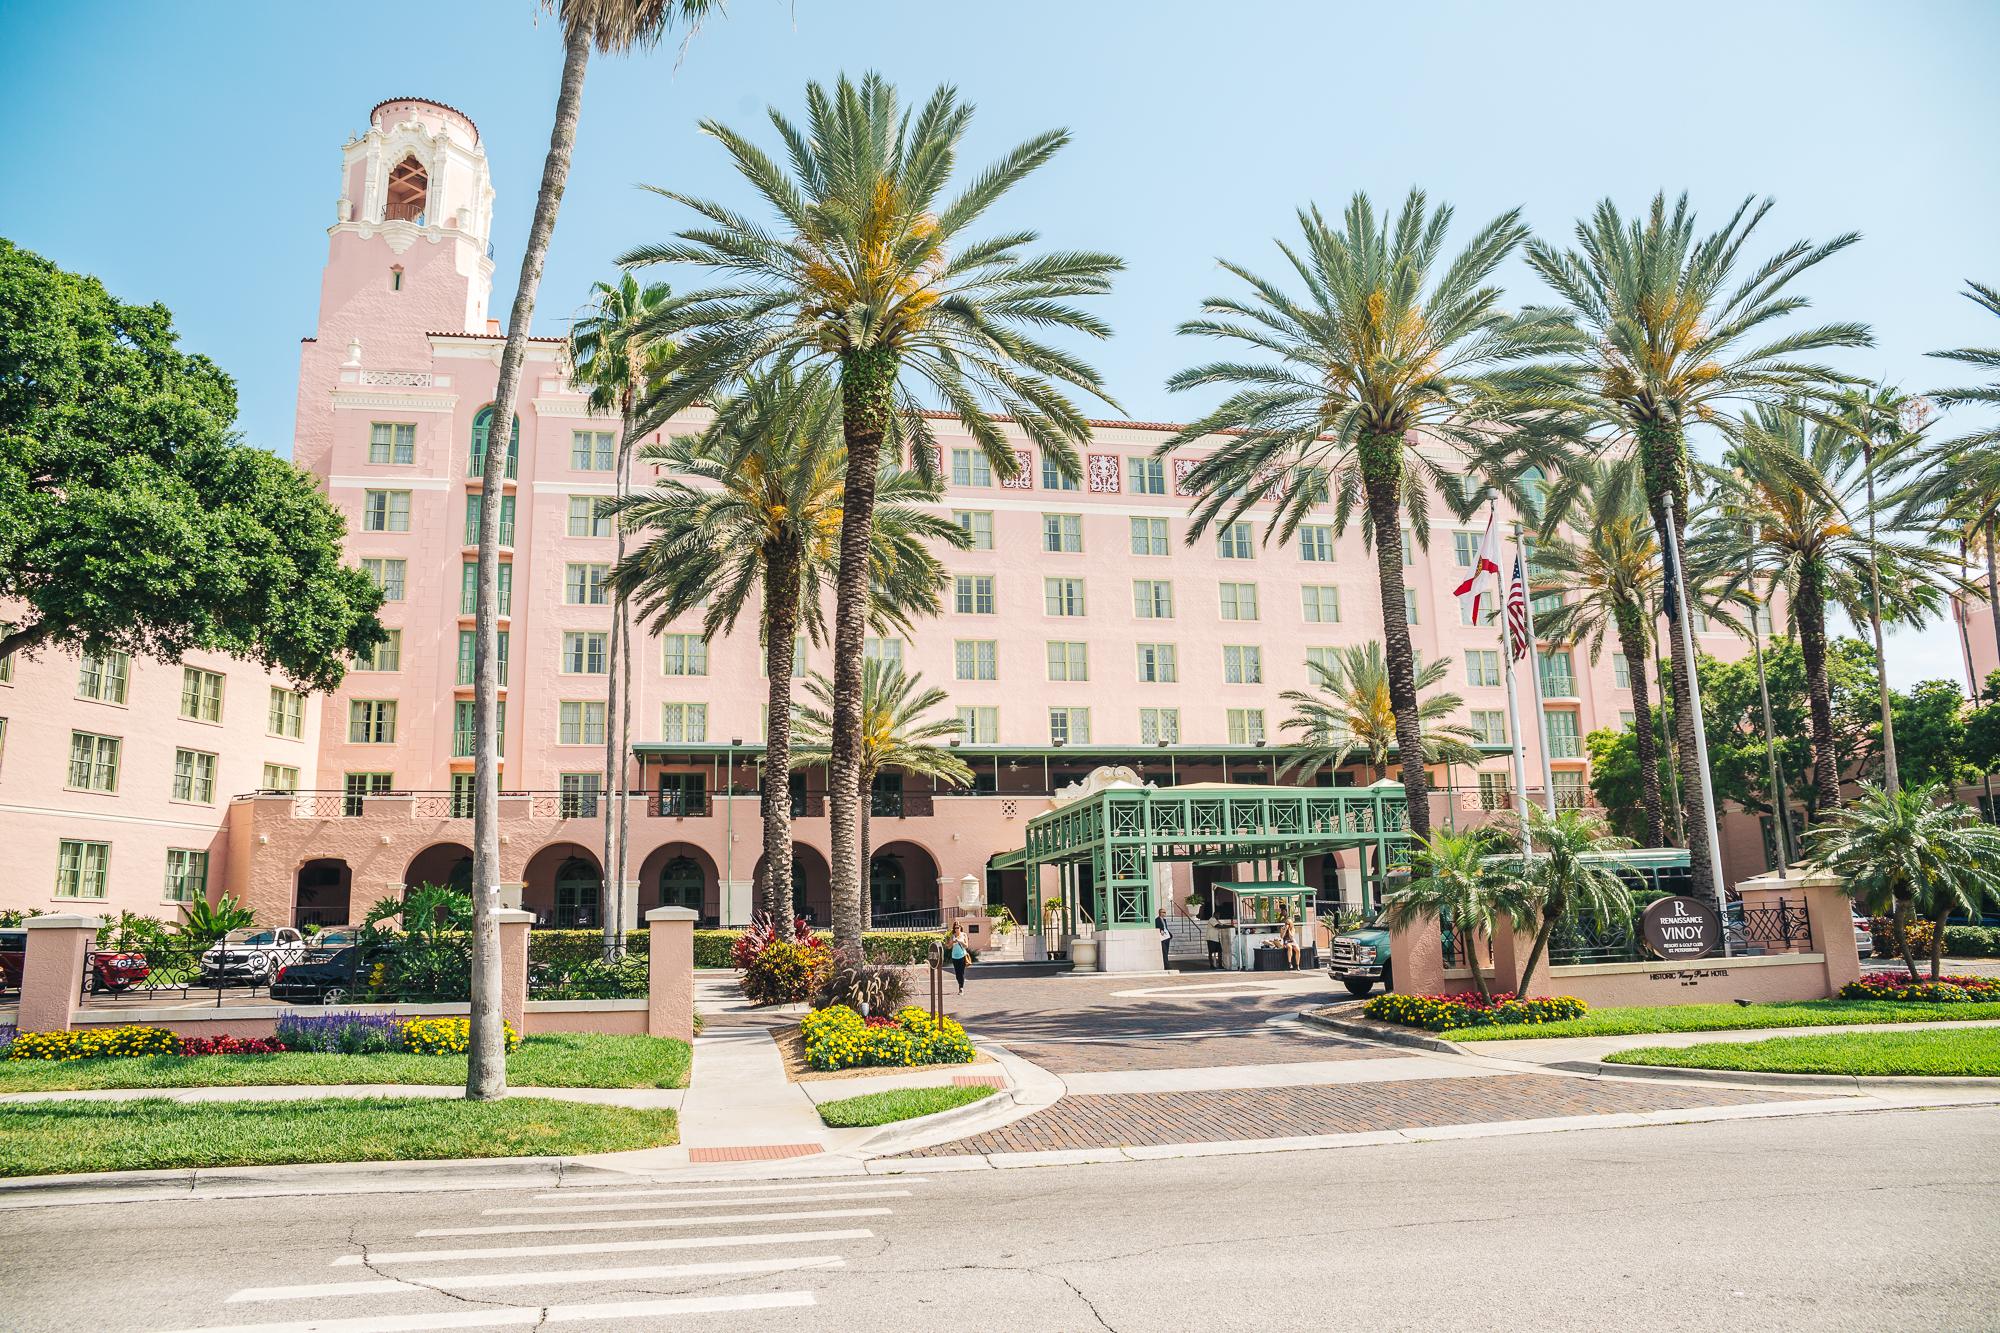 The historic Vinoy Hotel